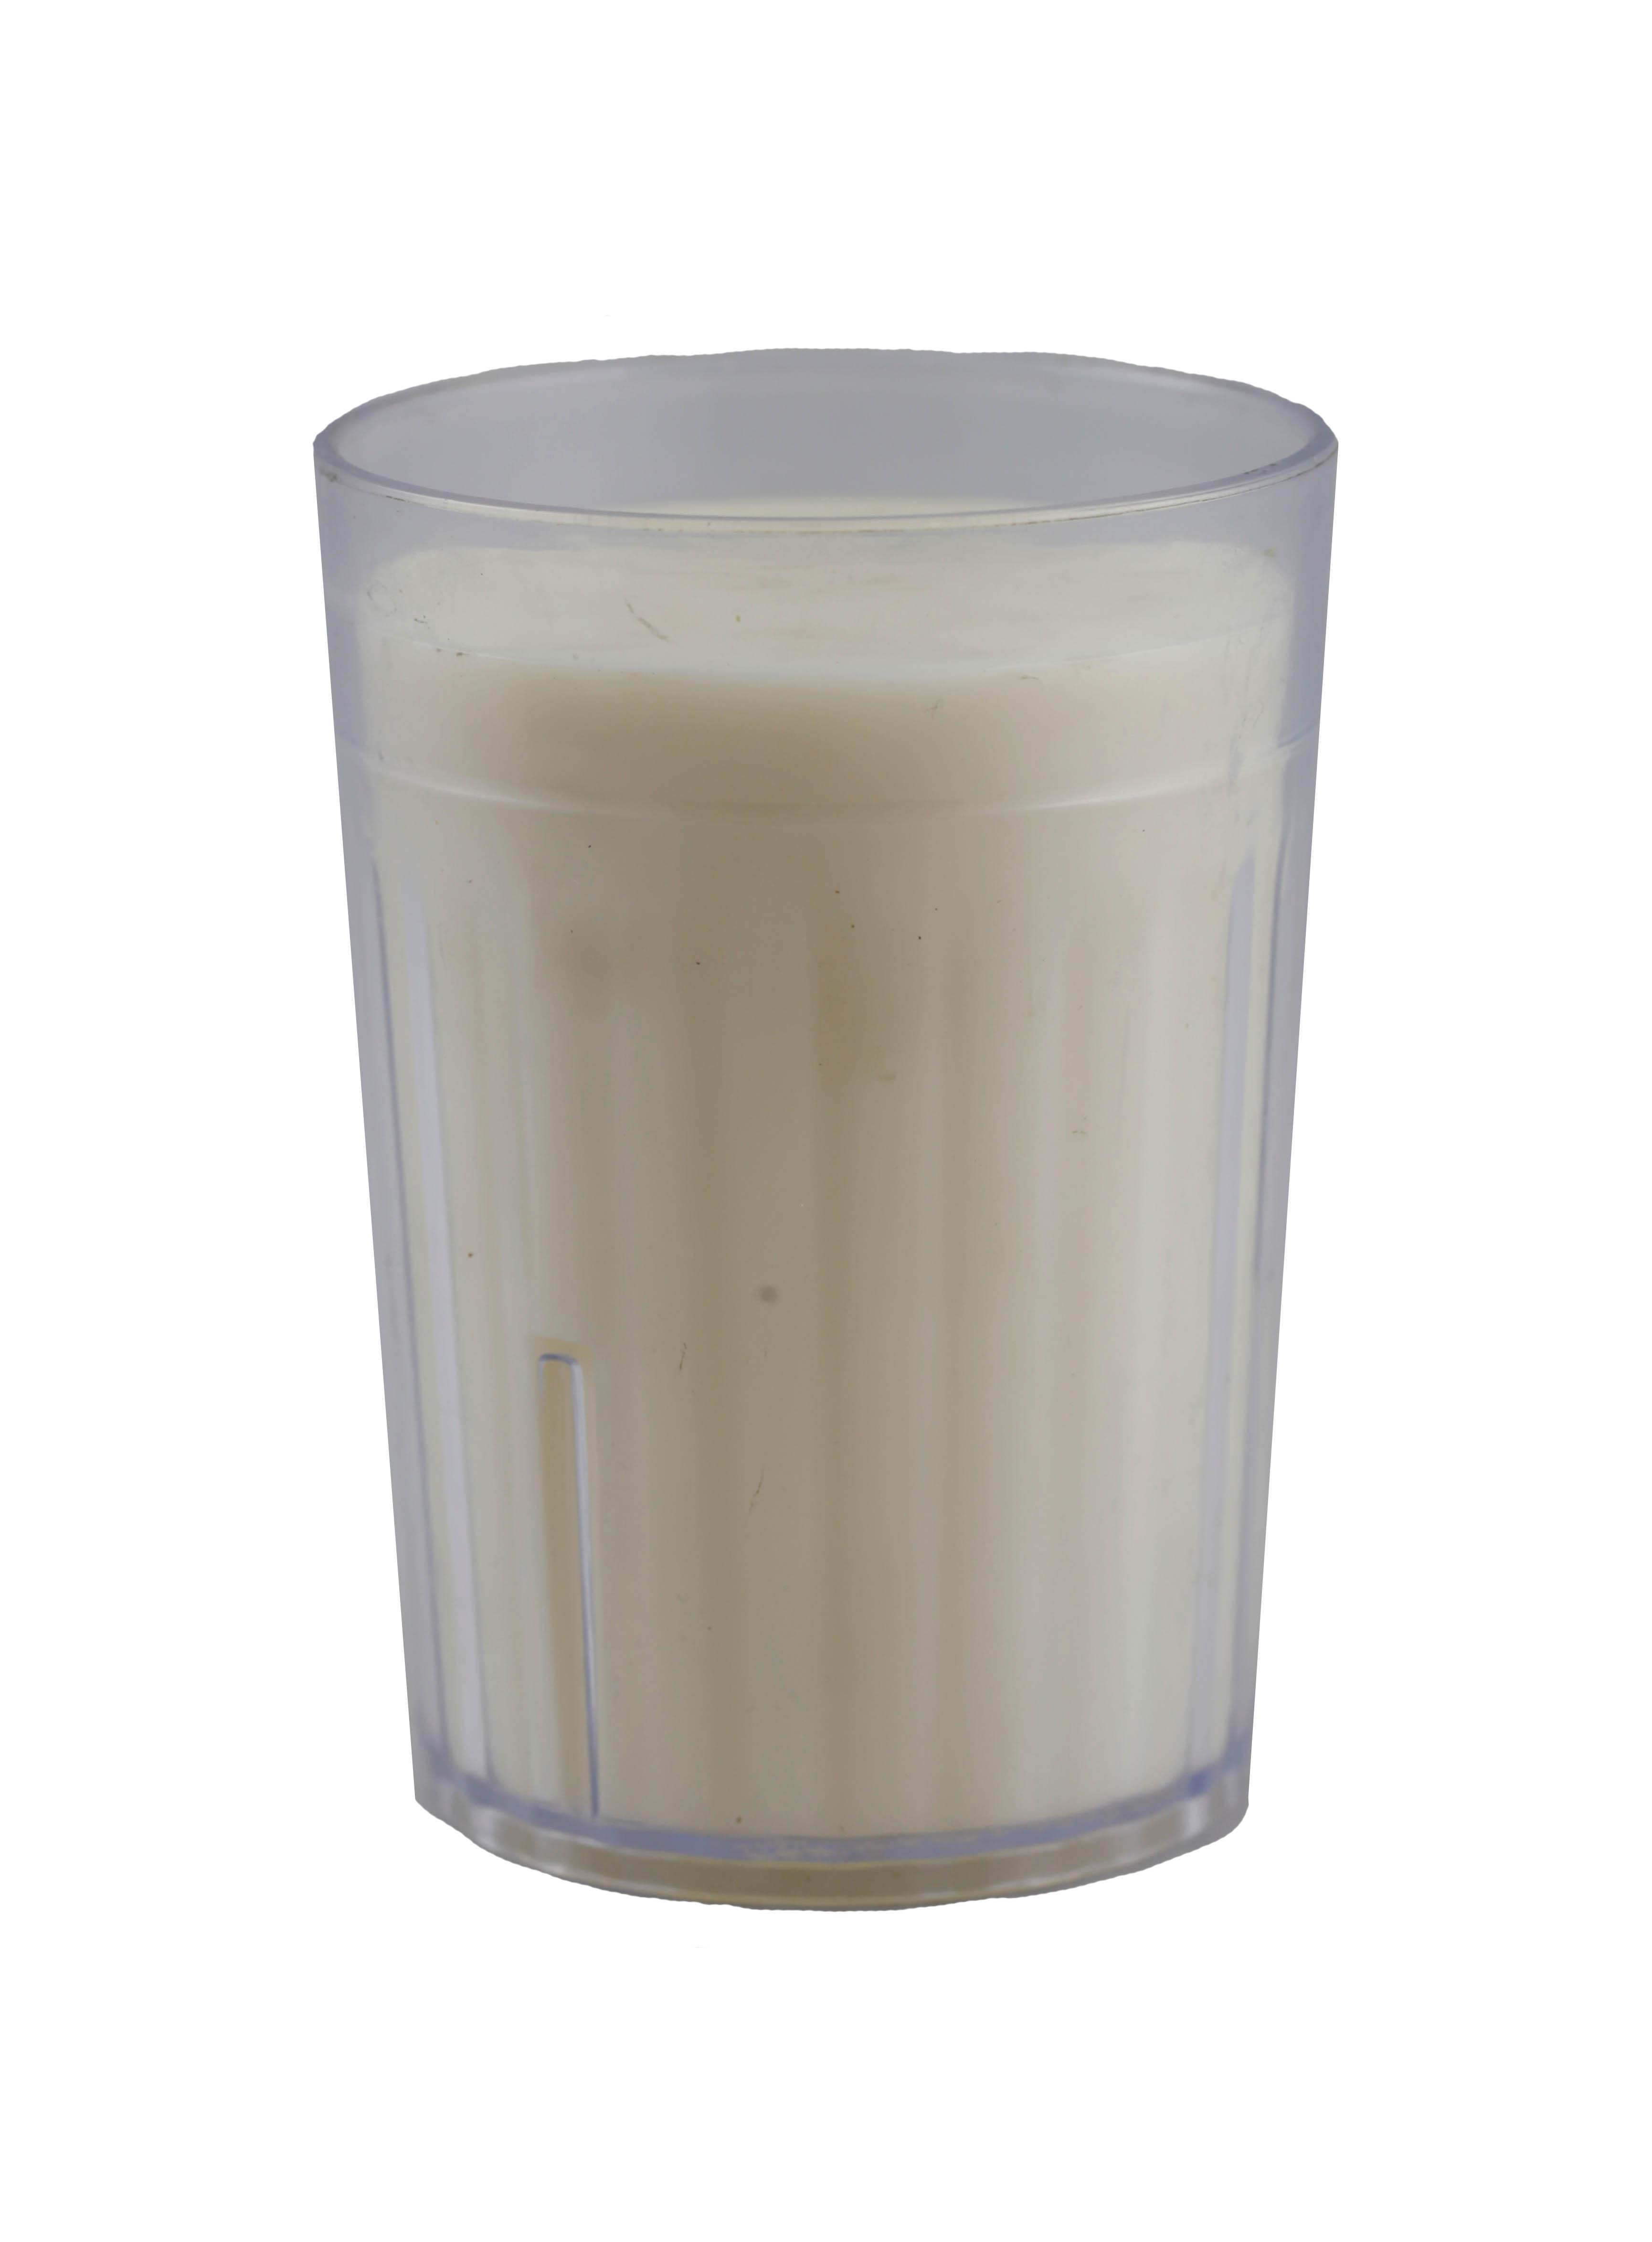 Réplica de vaso con leche Nasco